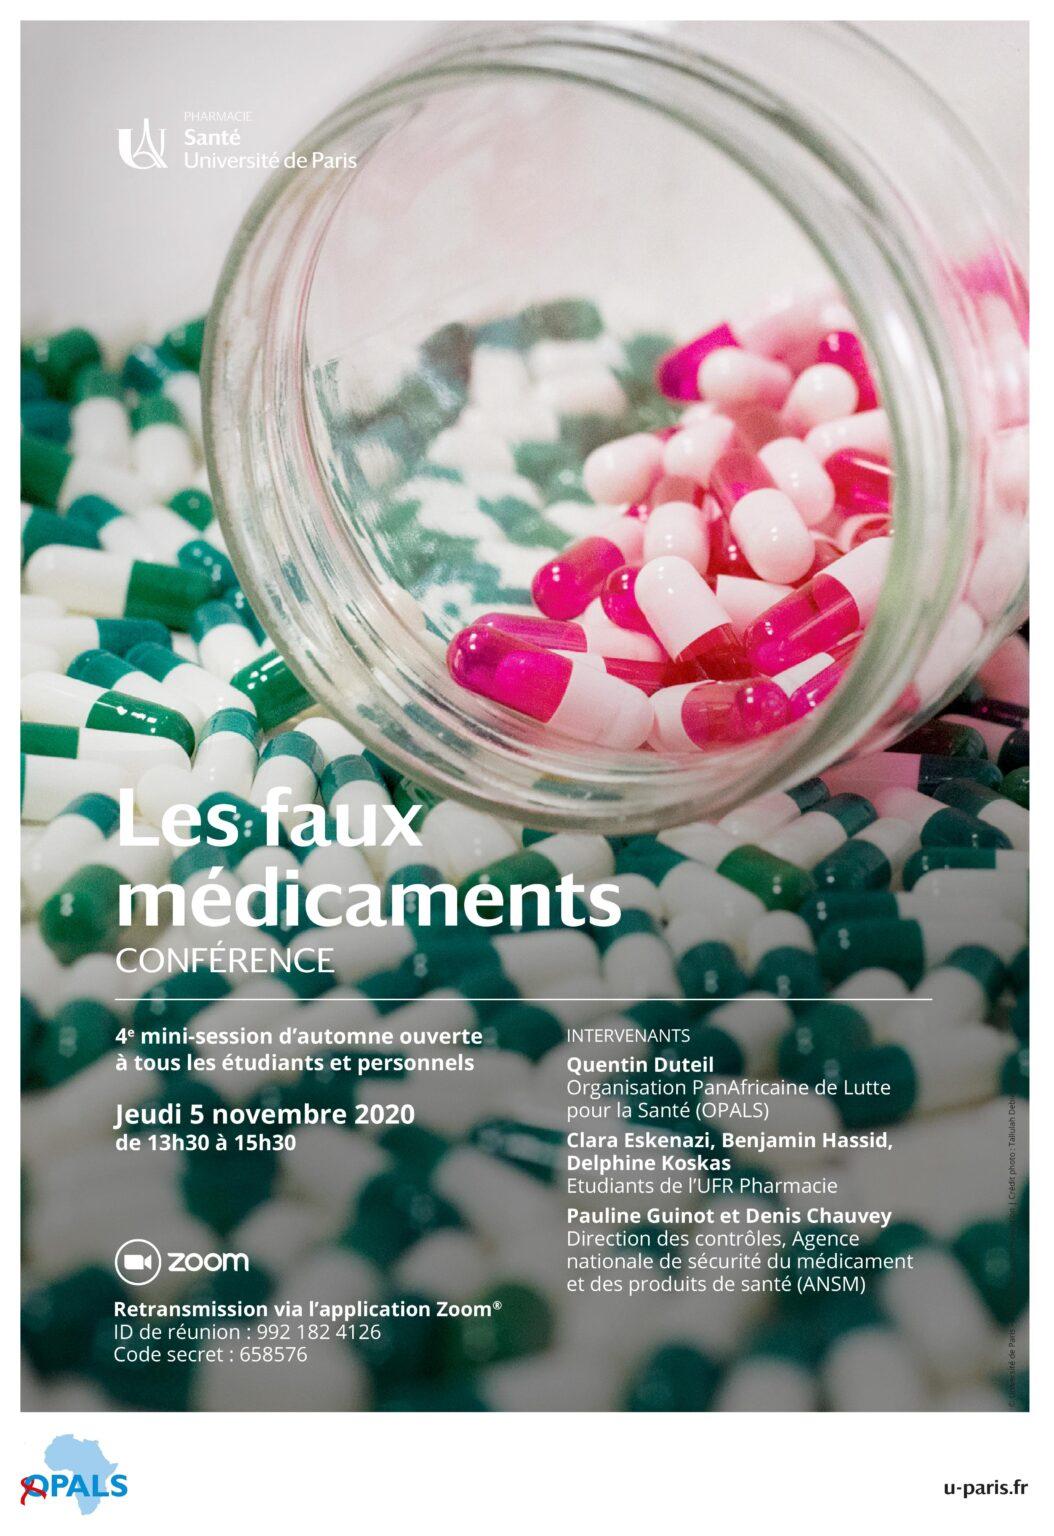 Affiche_Mini-session FAUX_MEDICAMENTS_2020